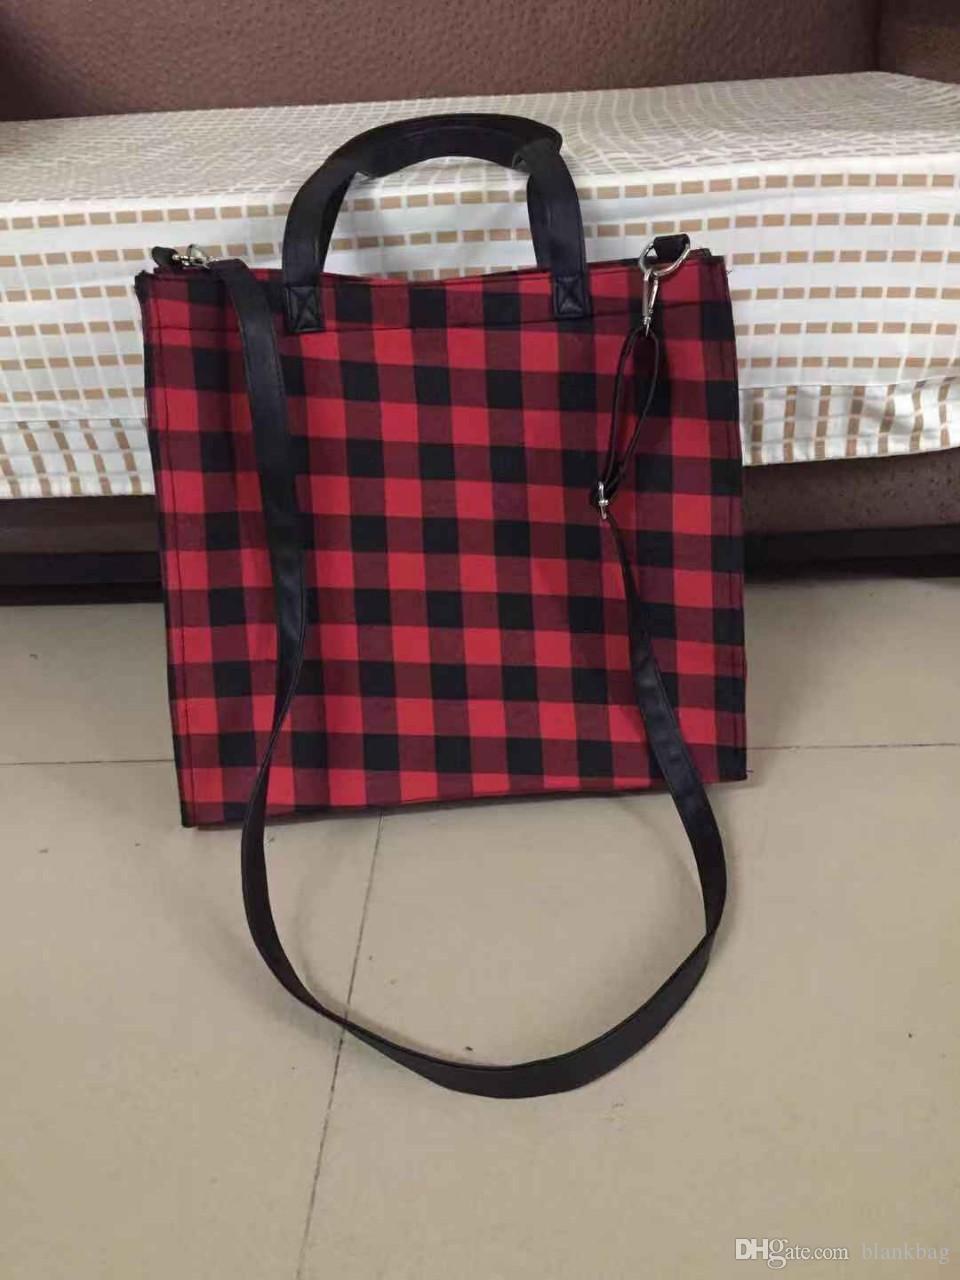 hiver nouveau sac à main à carreaux femmes de mode de conception de buffle avec sac à bandoulière fourre-tout rouge à carreaux noir bracelet